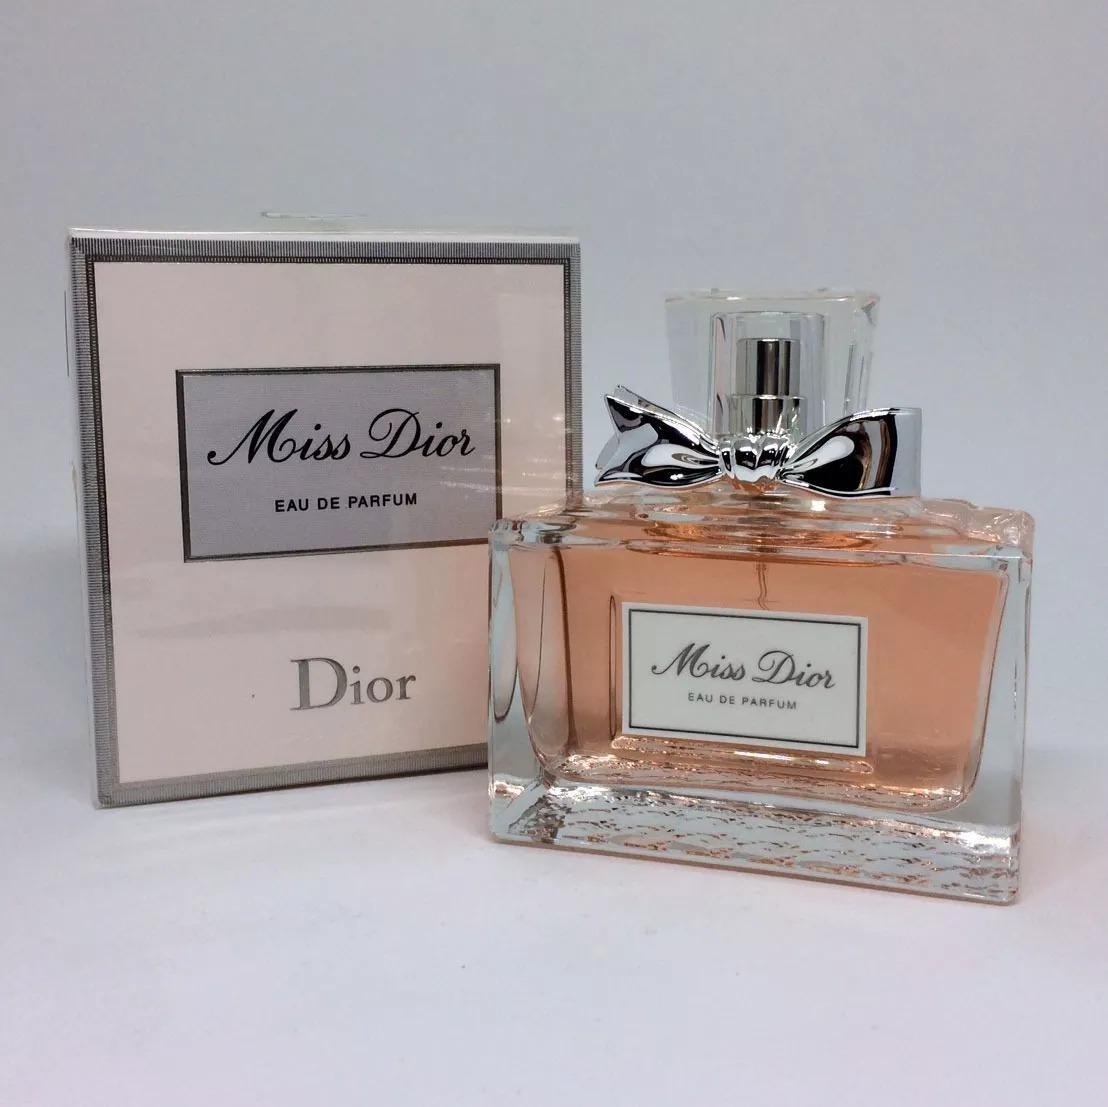 Miss Dior 100 Ml Eau De Parfum Original Verso 2017 R 38800 Carregando Zoom